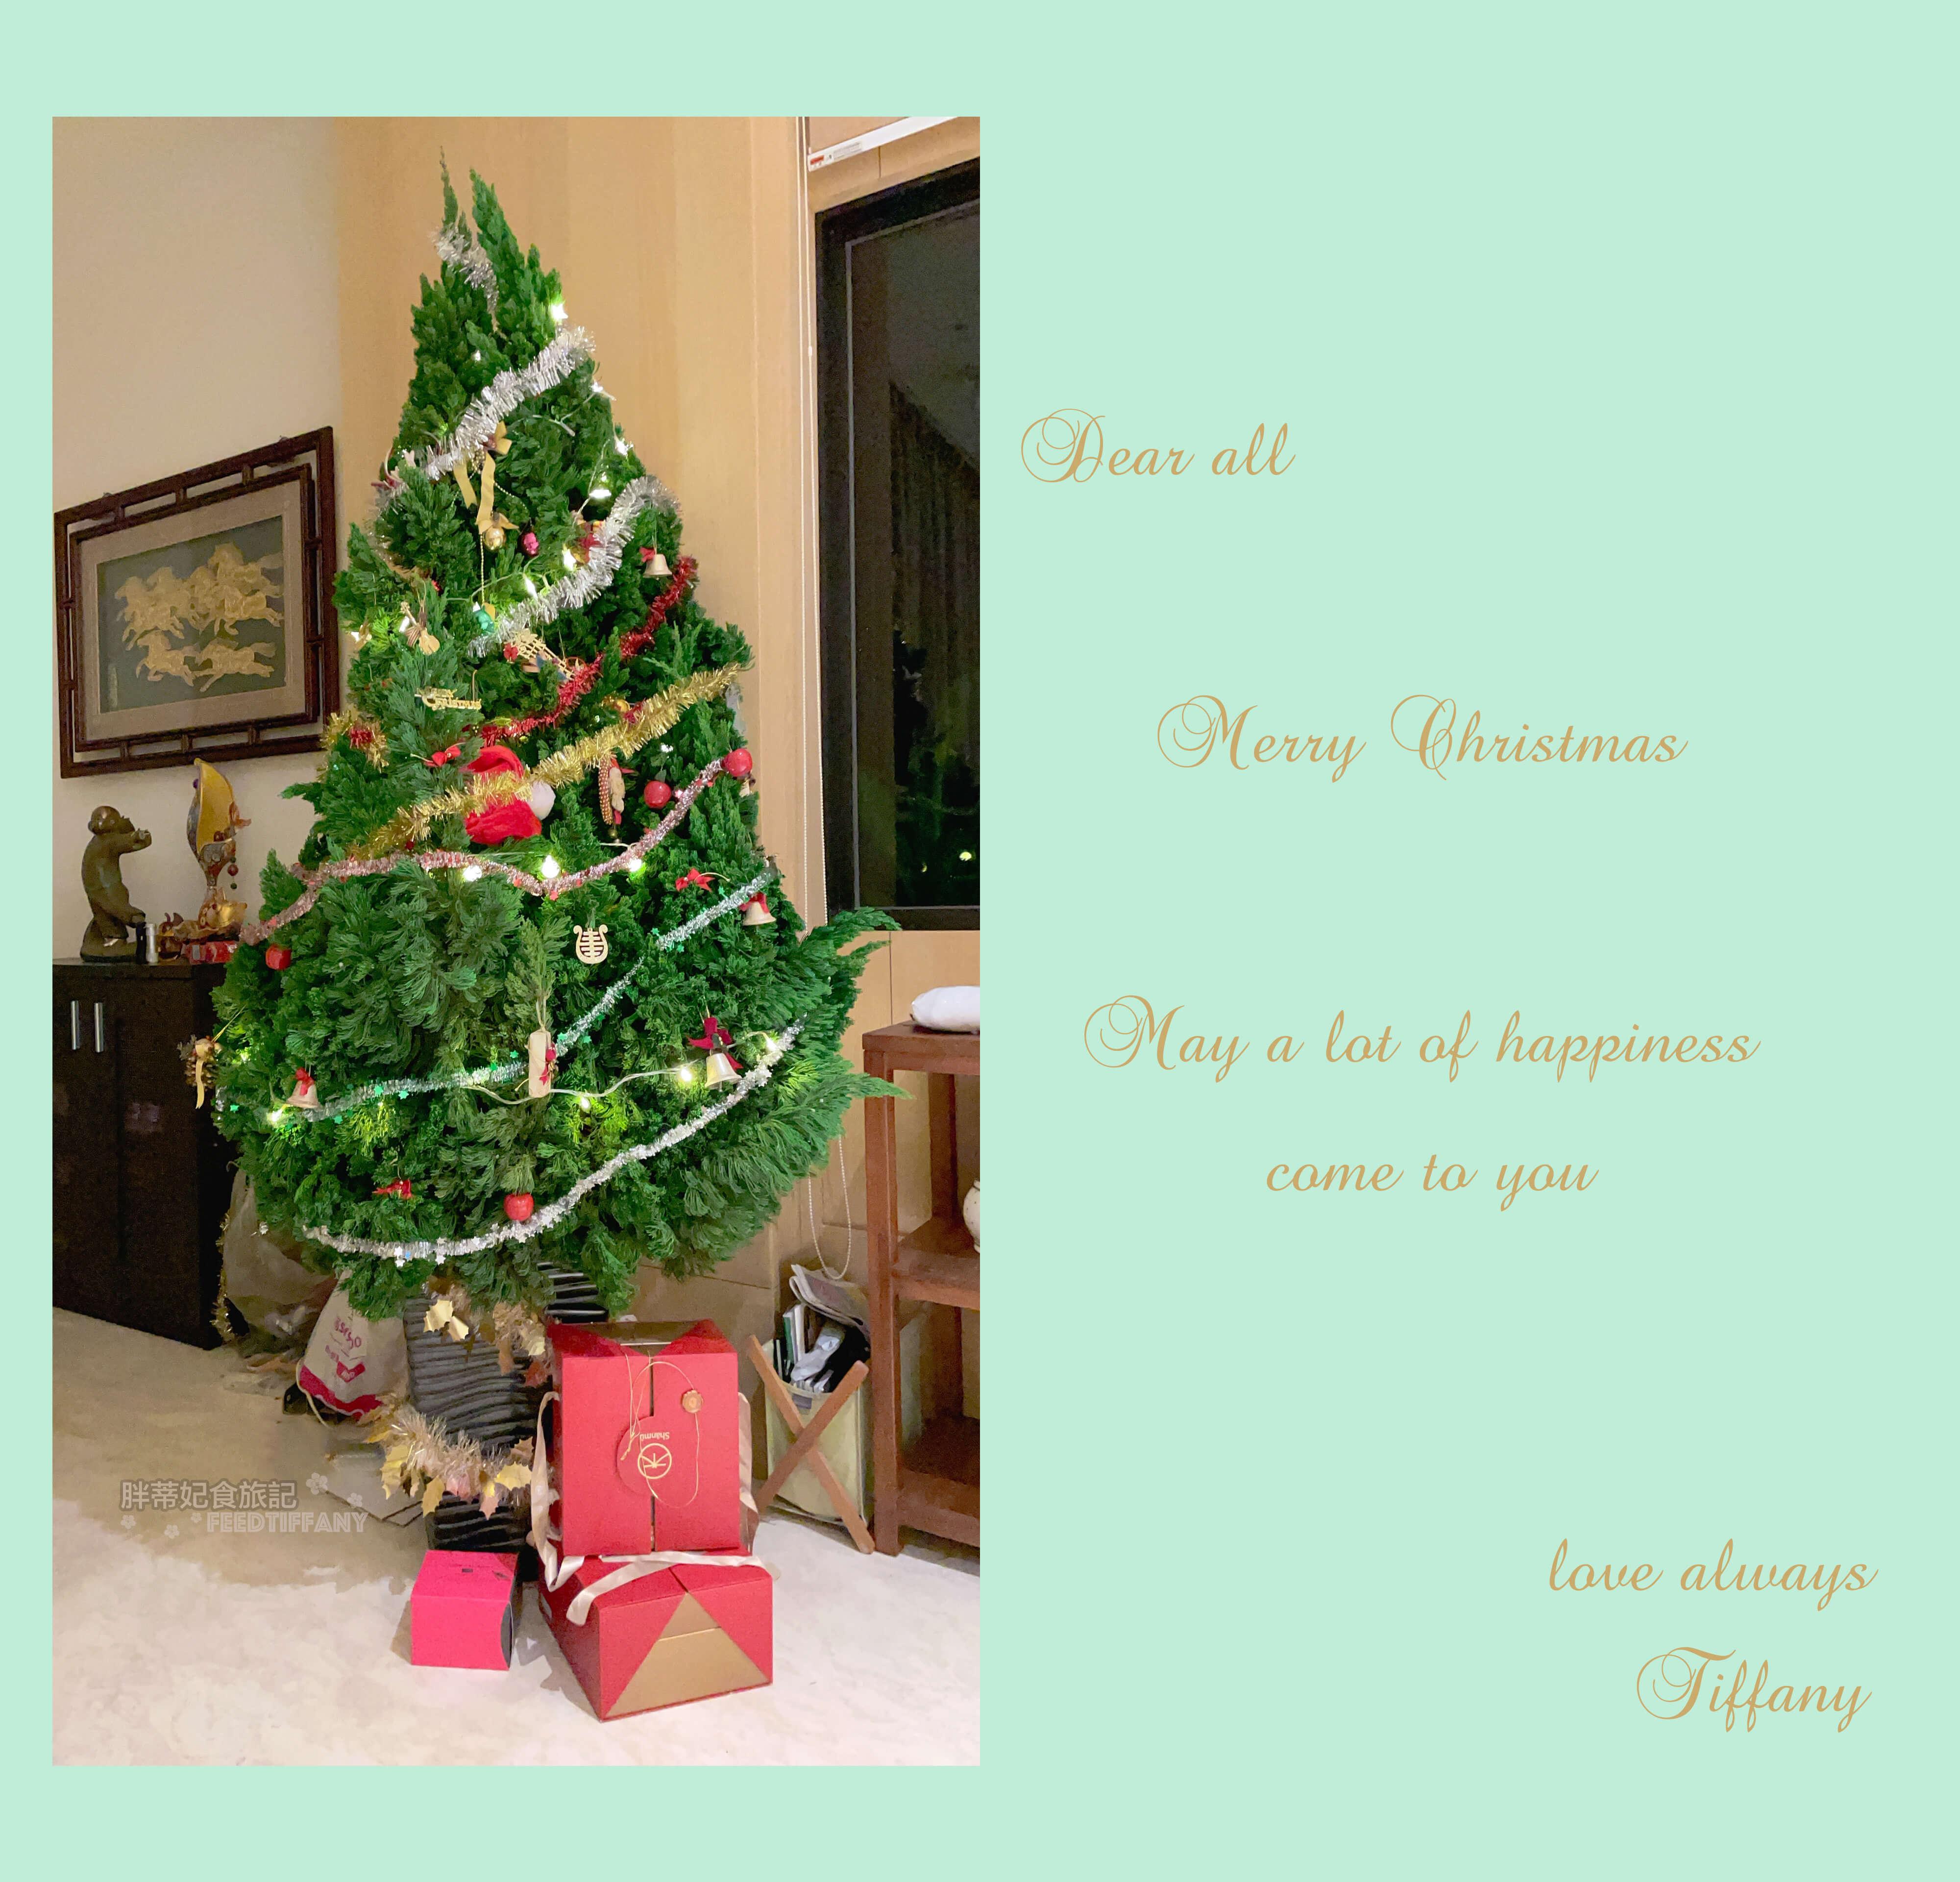 多久沒收到手寫聖誕卡了呢? 這是一份來自胖蒂妃時旅記的電子卡片祝福~聖誕快樂:)